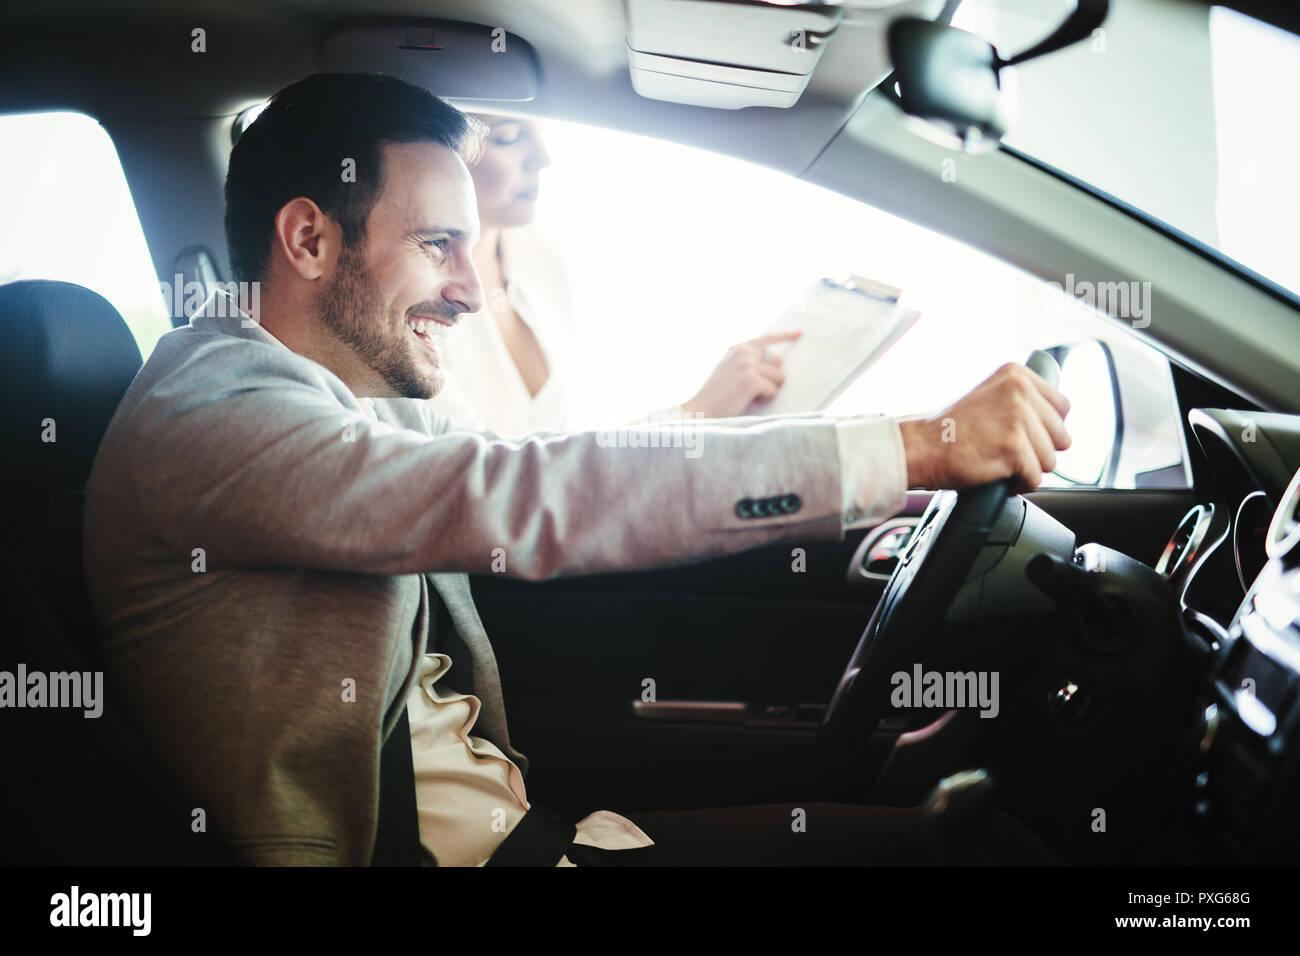 Car Dealer Stock Photos & Car Dealer Stock Images - Alamy